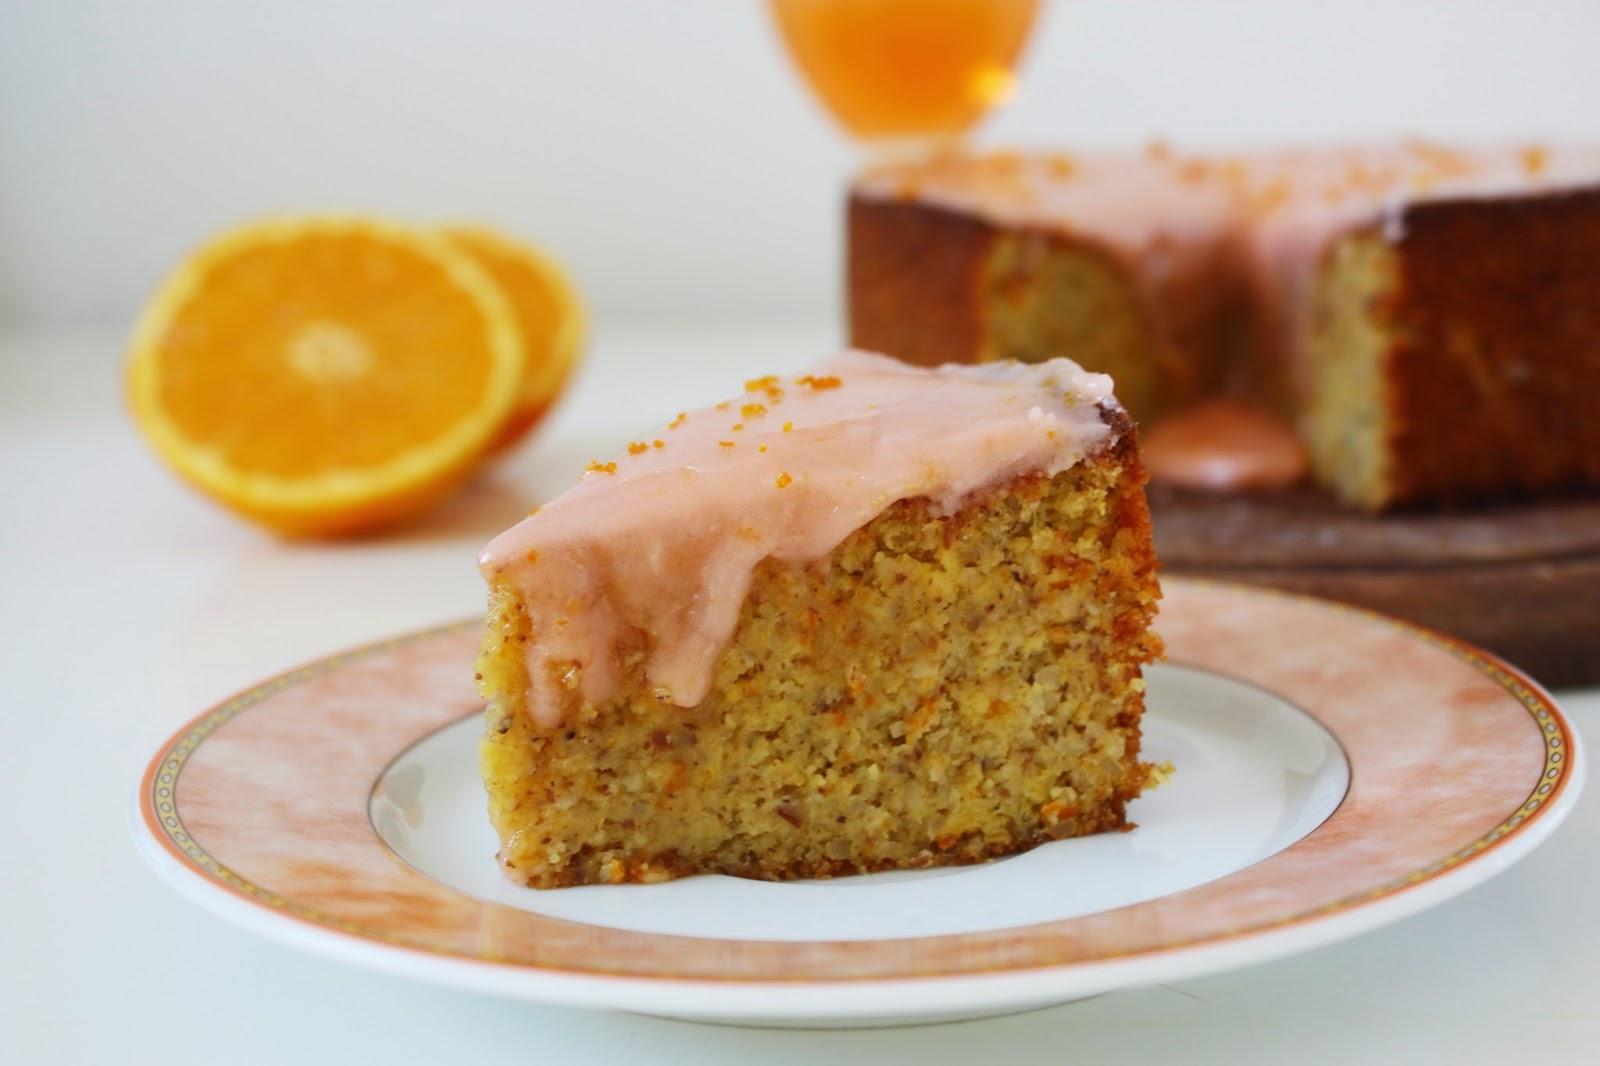 Saftiger Mandel Orangen Kuchen Glutenfrei backen